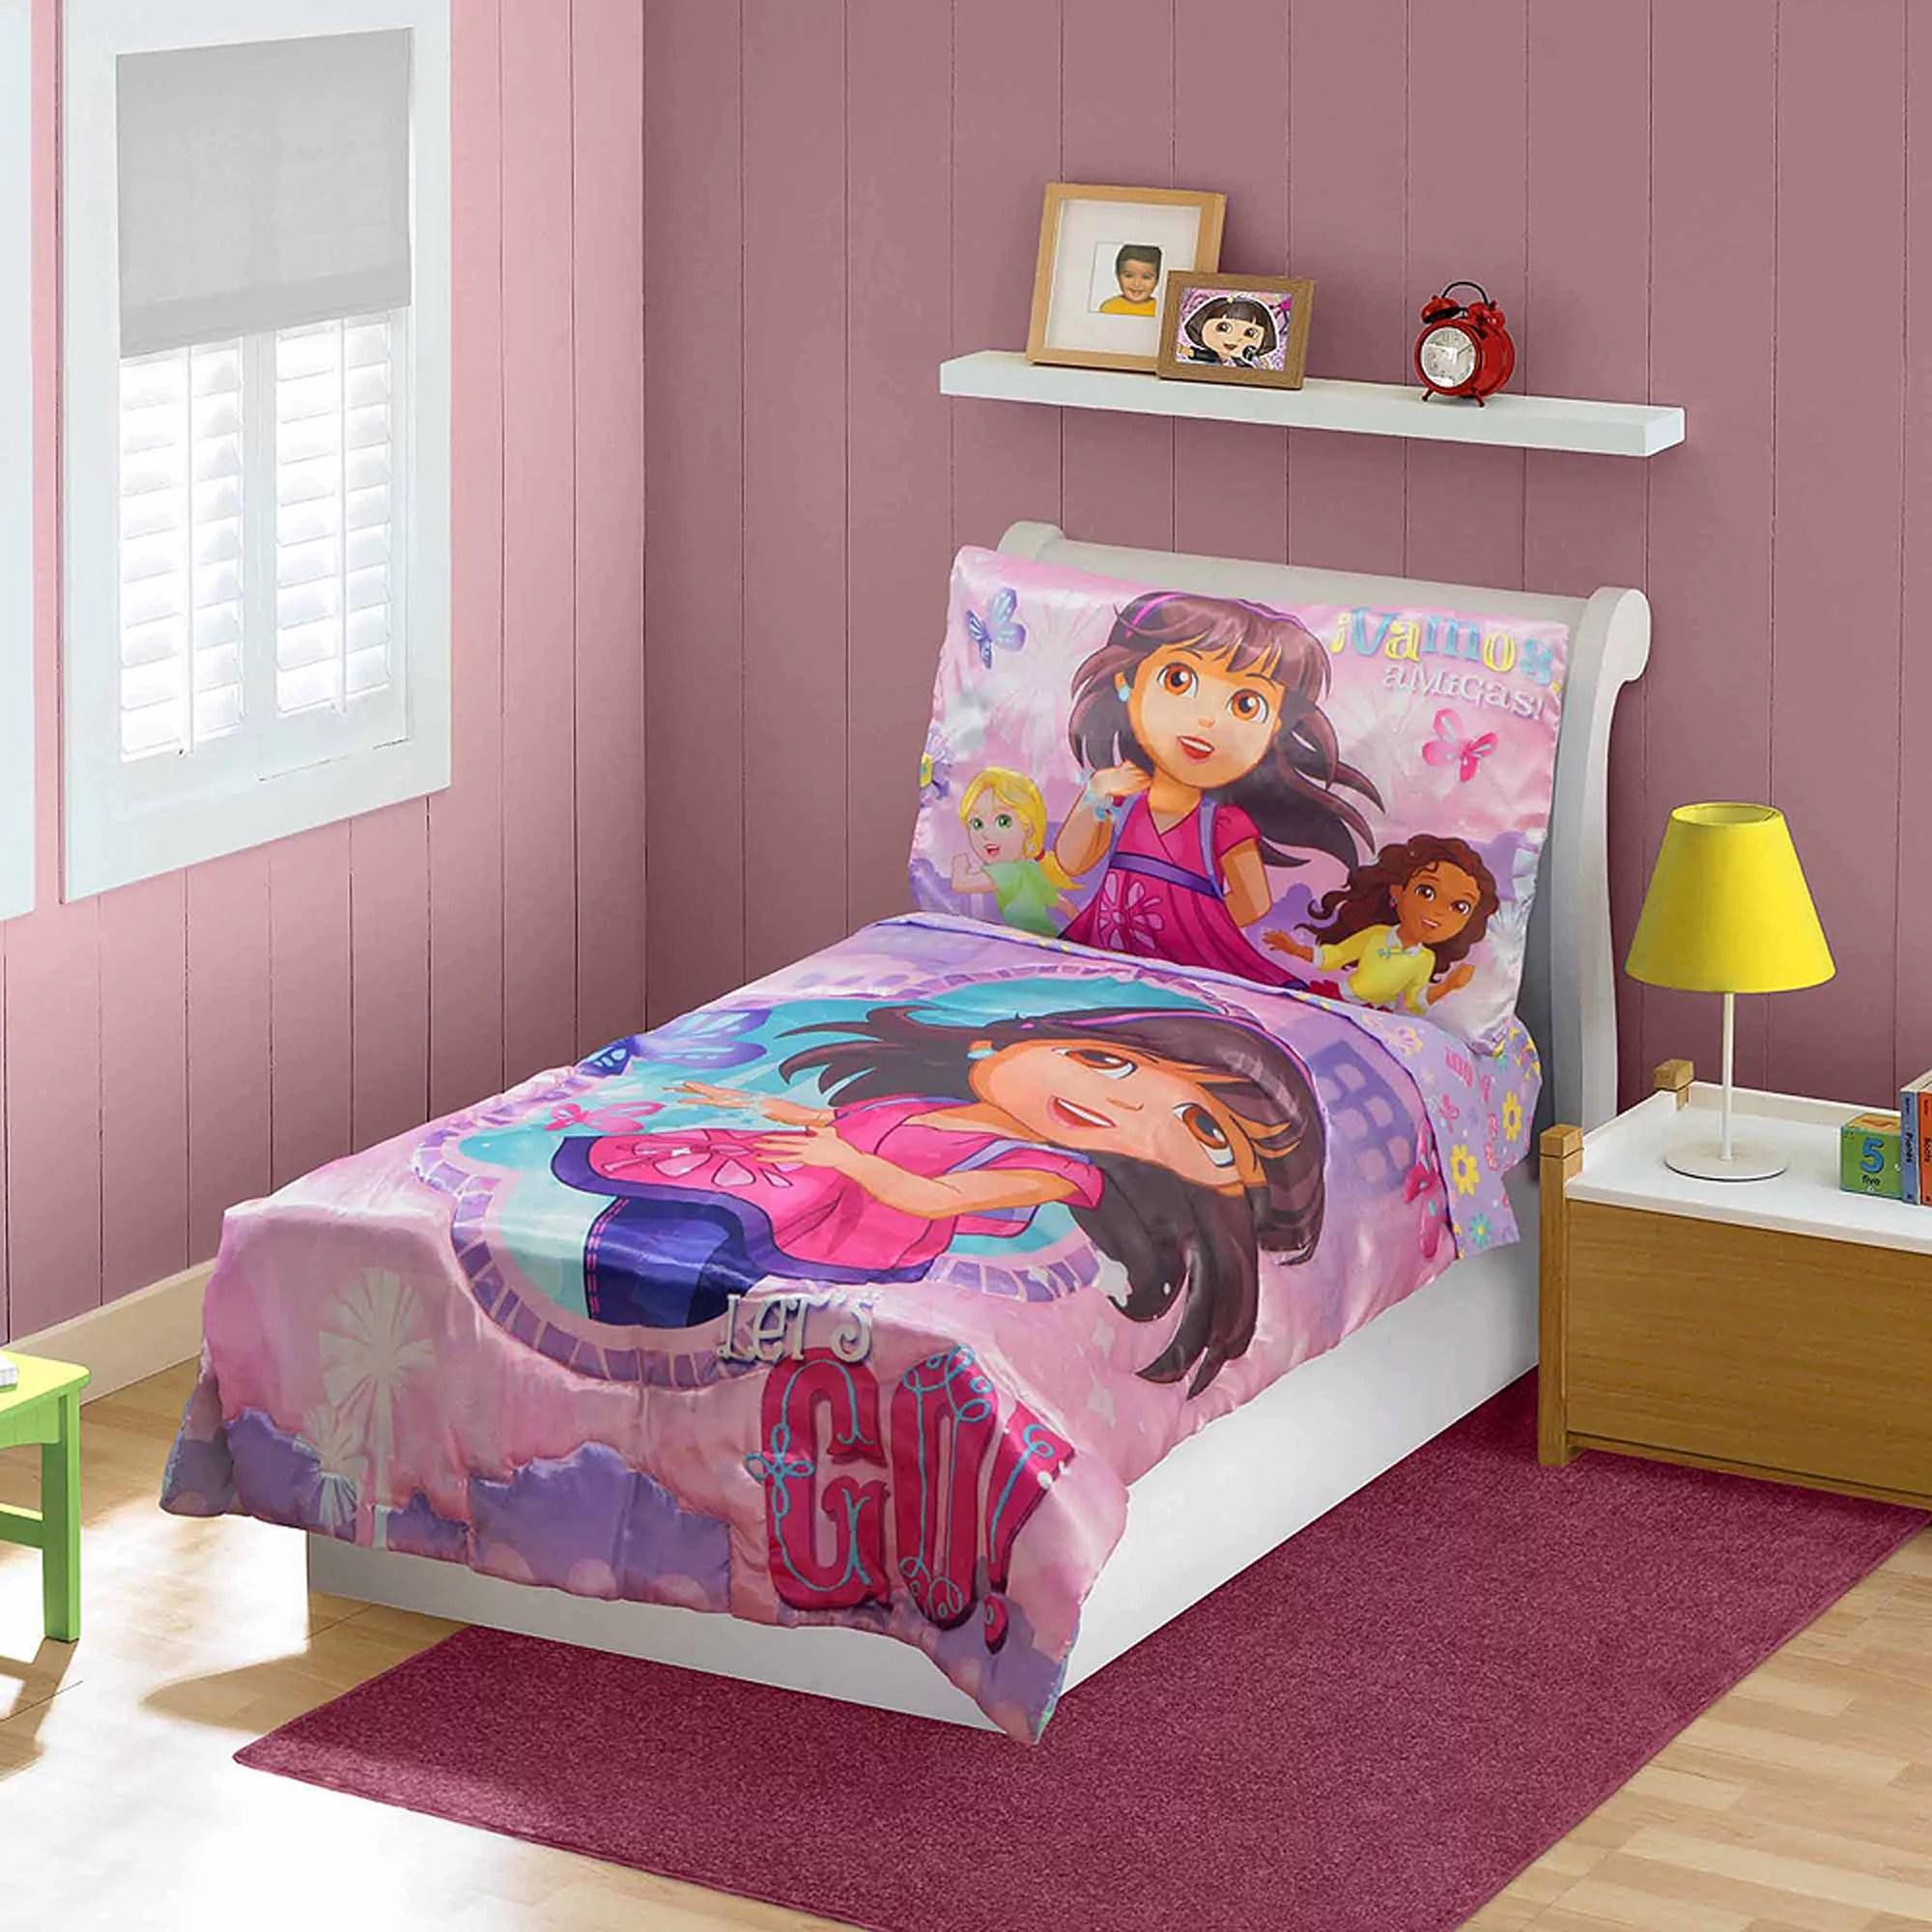 Dora Amp Friends 3 Piece Toddler Bedding Set With Bonus